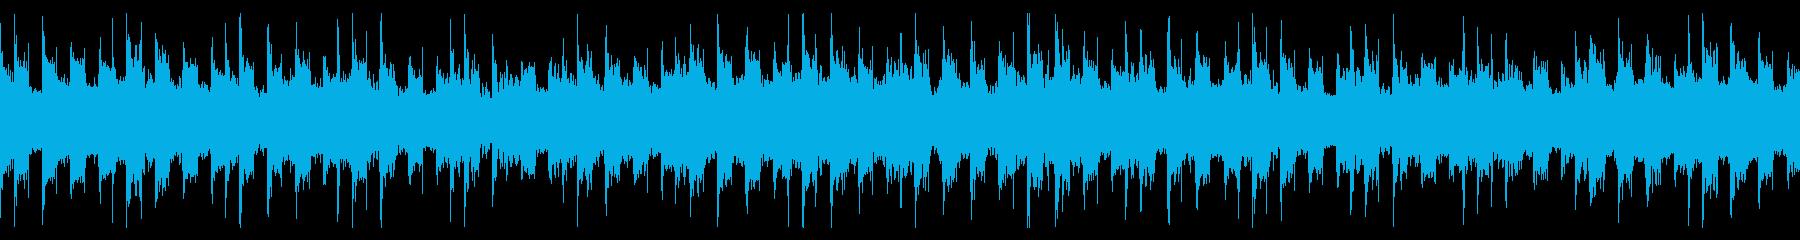 怪しげな和風ループの再生済みの波形